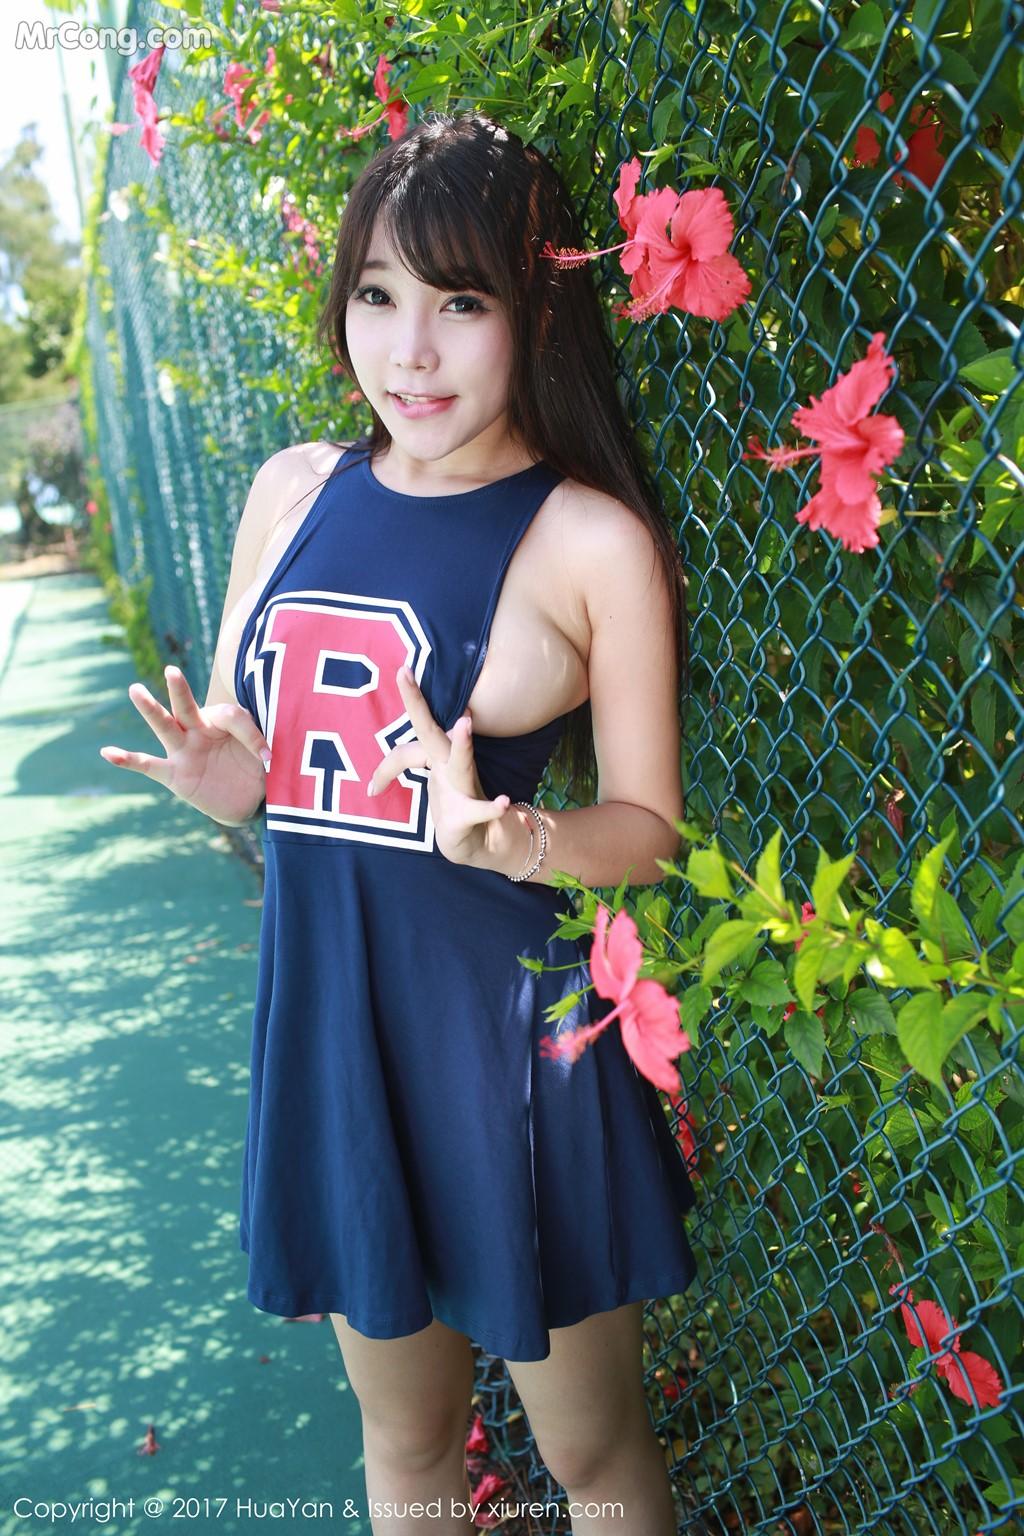 Image HuaYan-Vol.049-Booty-Zhizhi-MrCong.com-041 in post HuaYan Vol.049: Người mẫu Booty (芝芝) (56 ảnh)